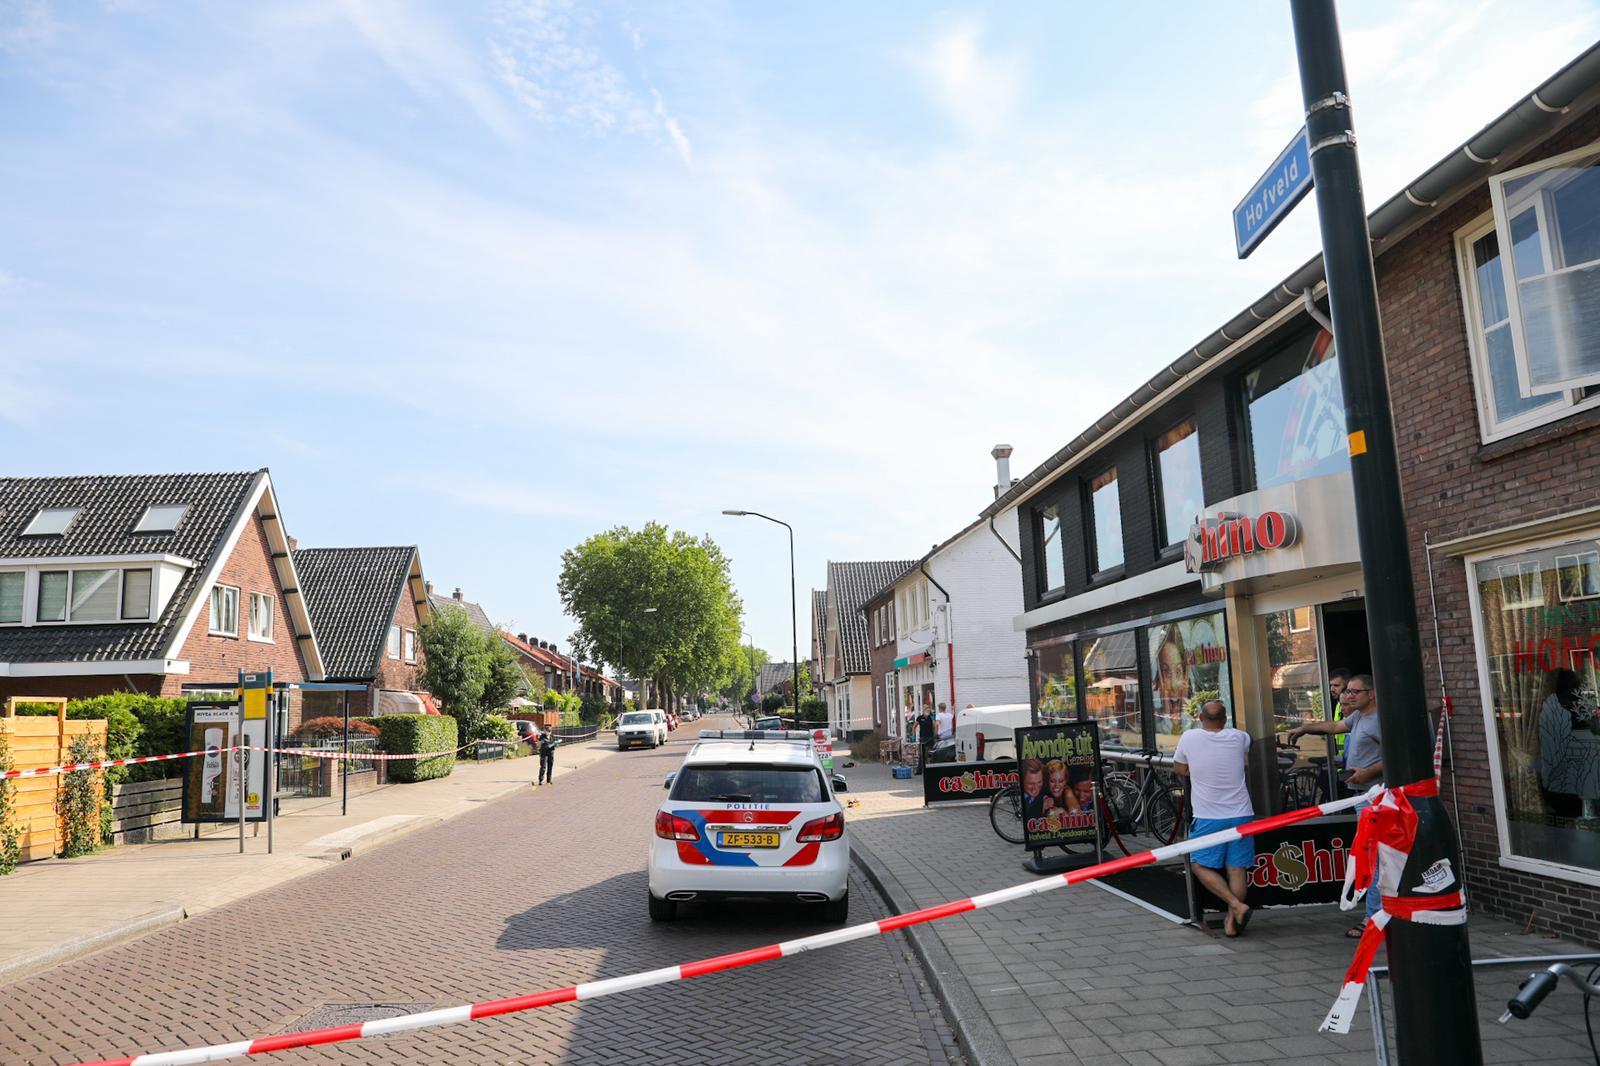 *VIDEO* Steekpartij in Apeldoorn Zuid; één persoon raakt gewond